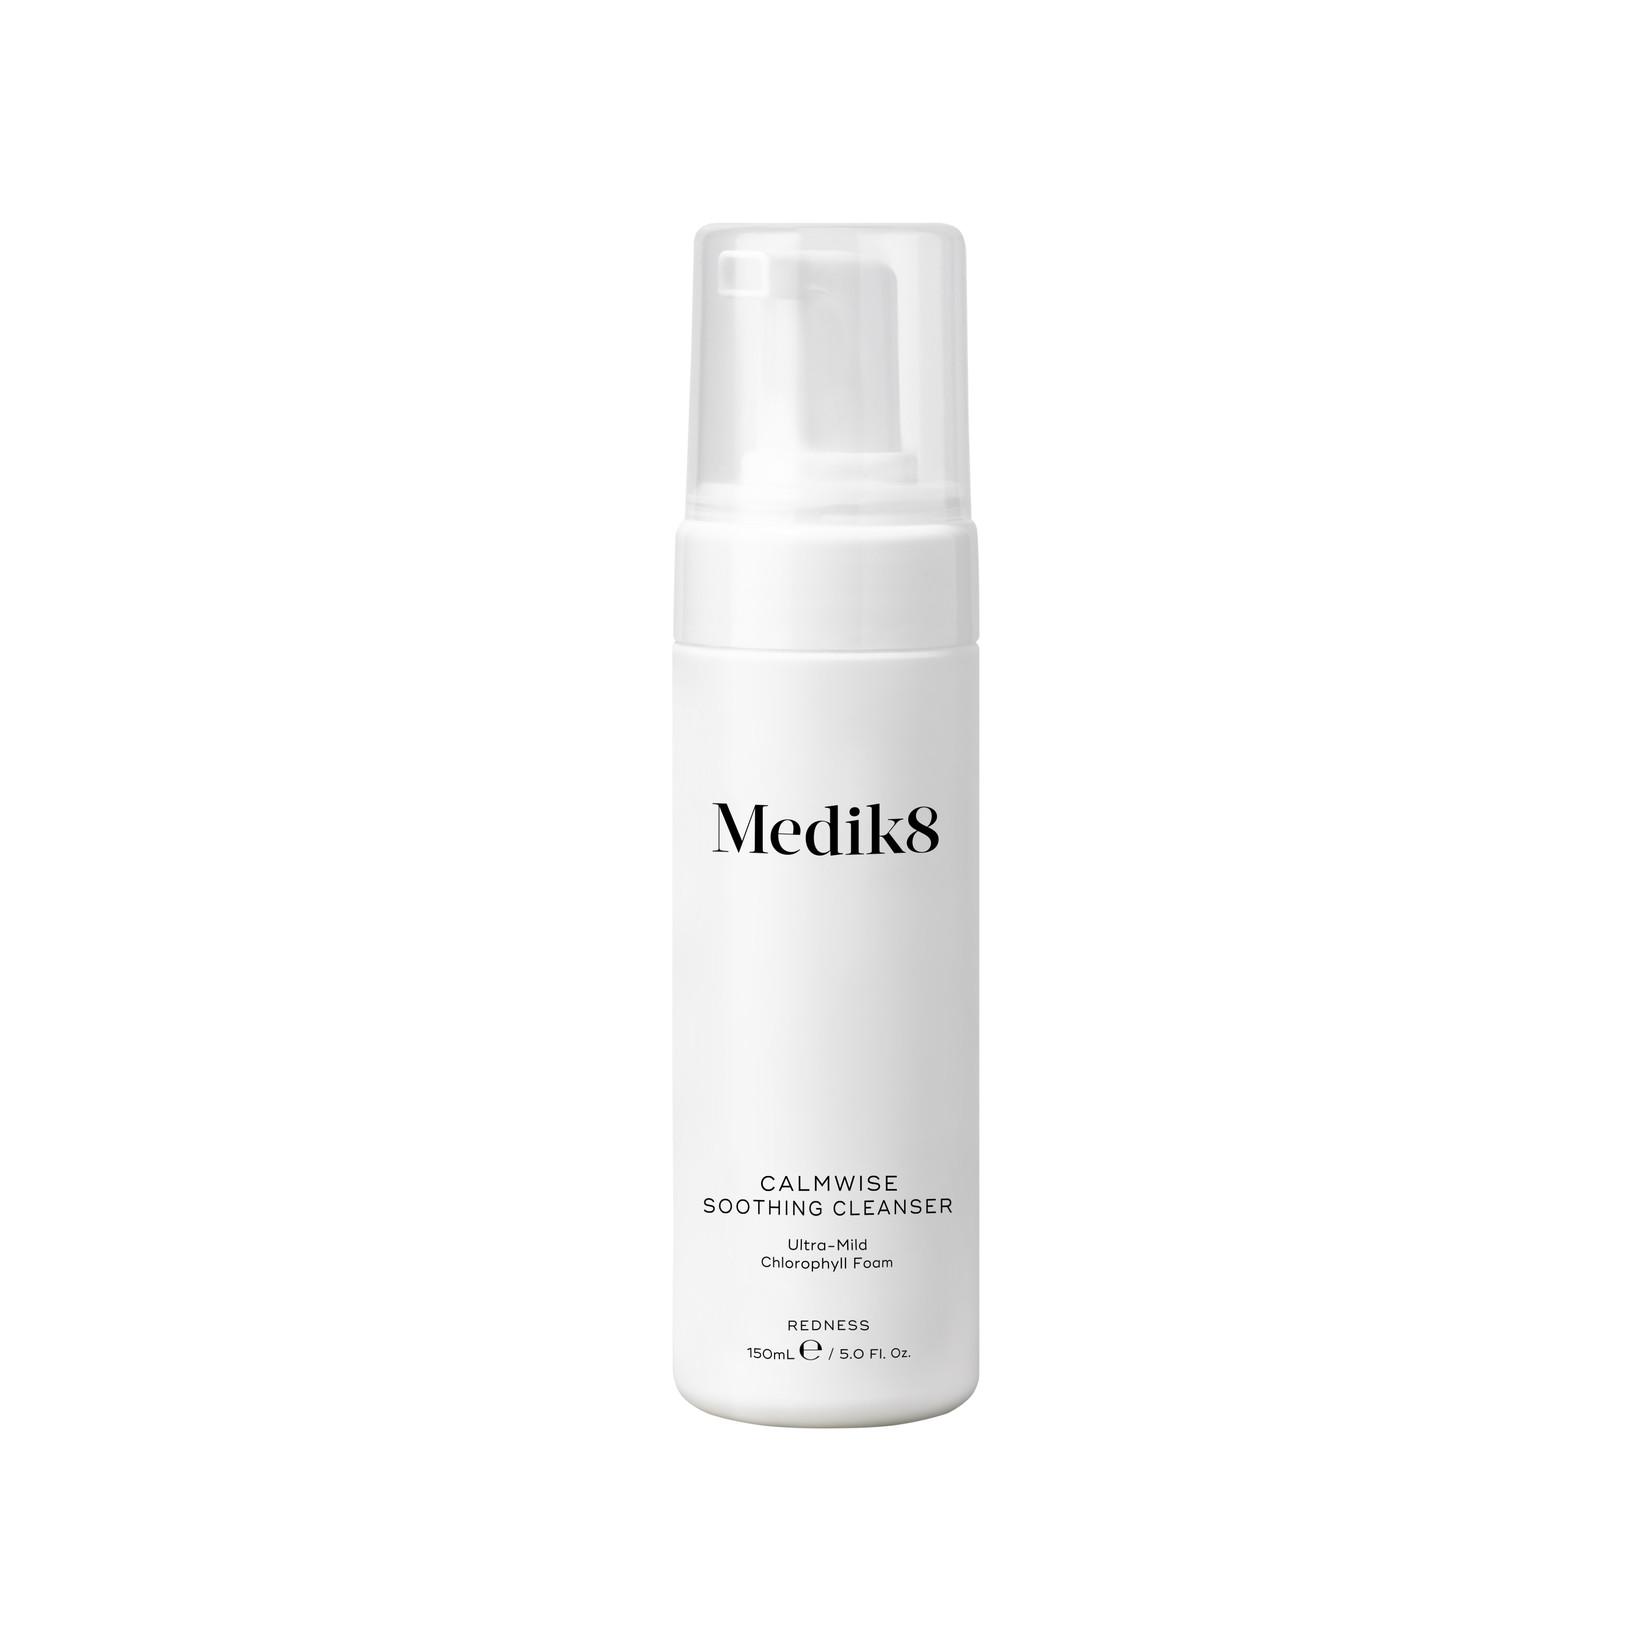 Medik8 Medik8 Gezichtsreiniger - Calmwise Soothing Cleanser 150ml voor de rode, gevoelige huid